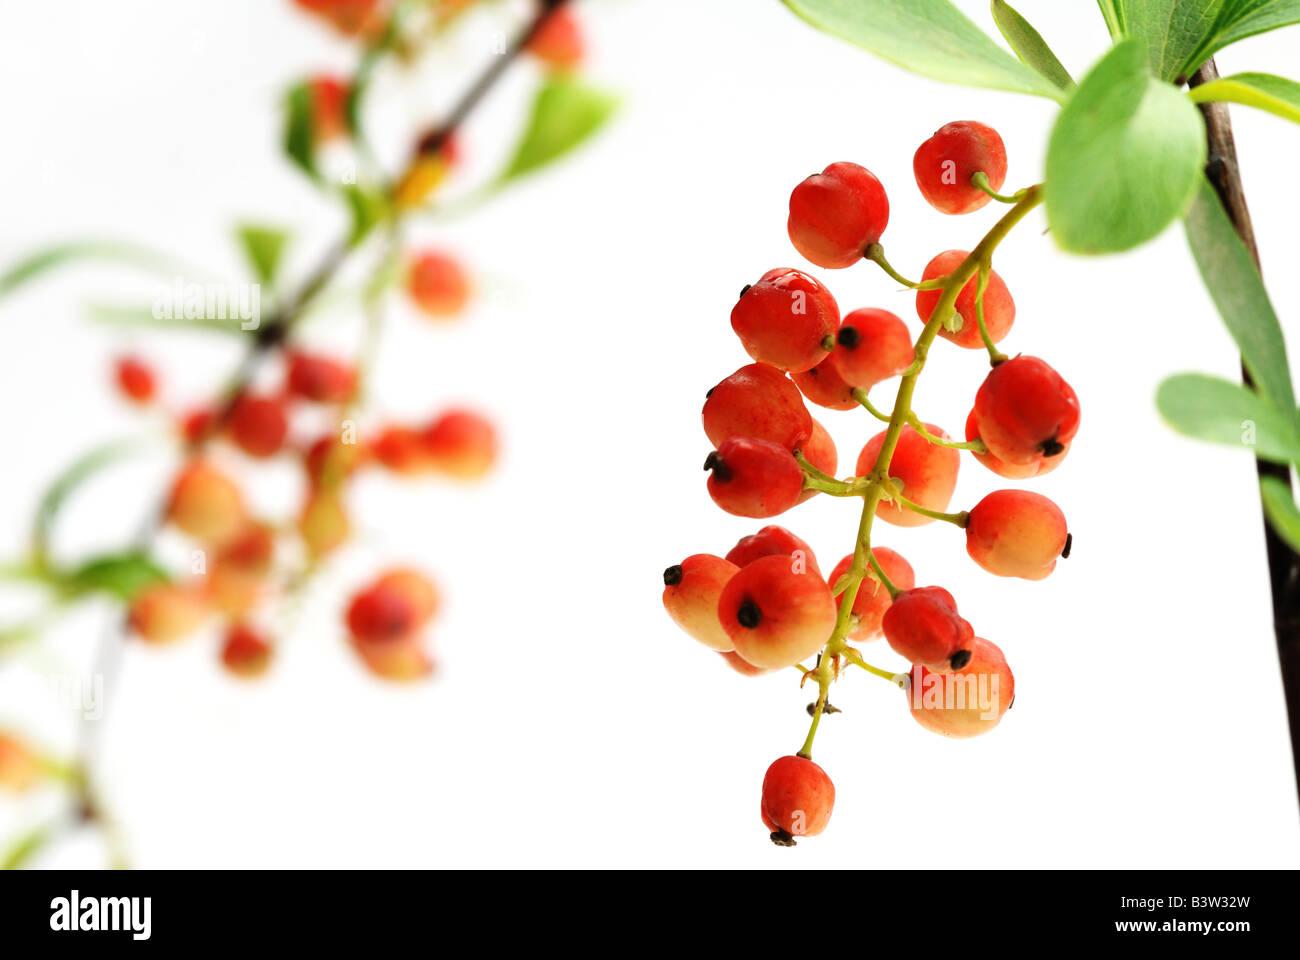 frutti rossi Immagini Stock